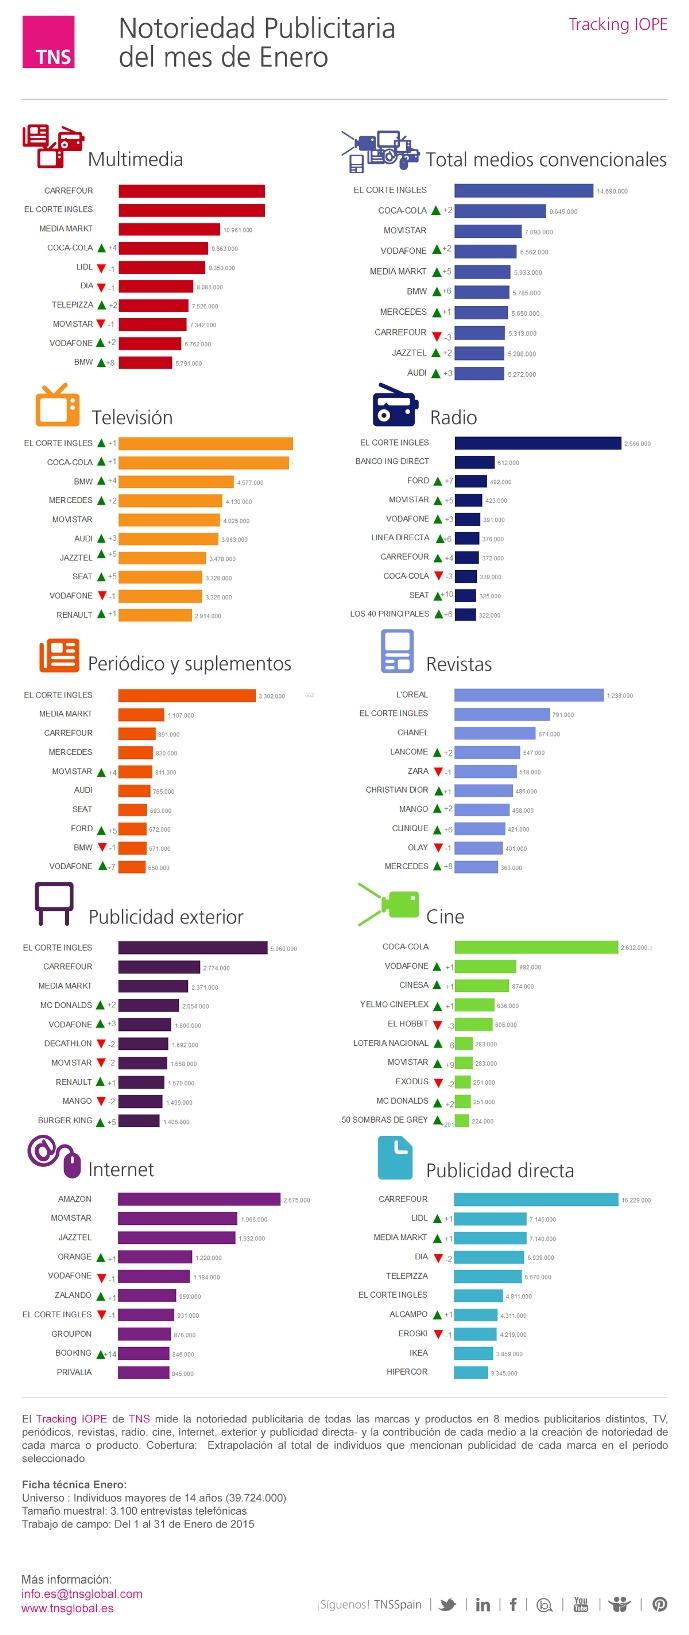 Ranking de notoriedad publicitaria: enero de 2015